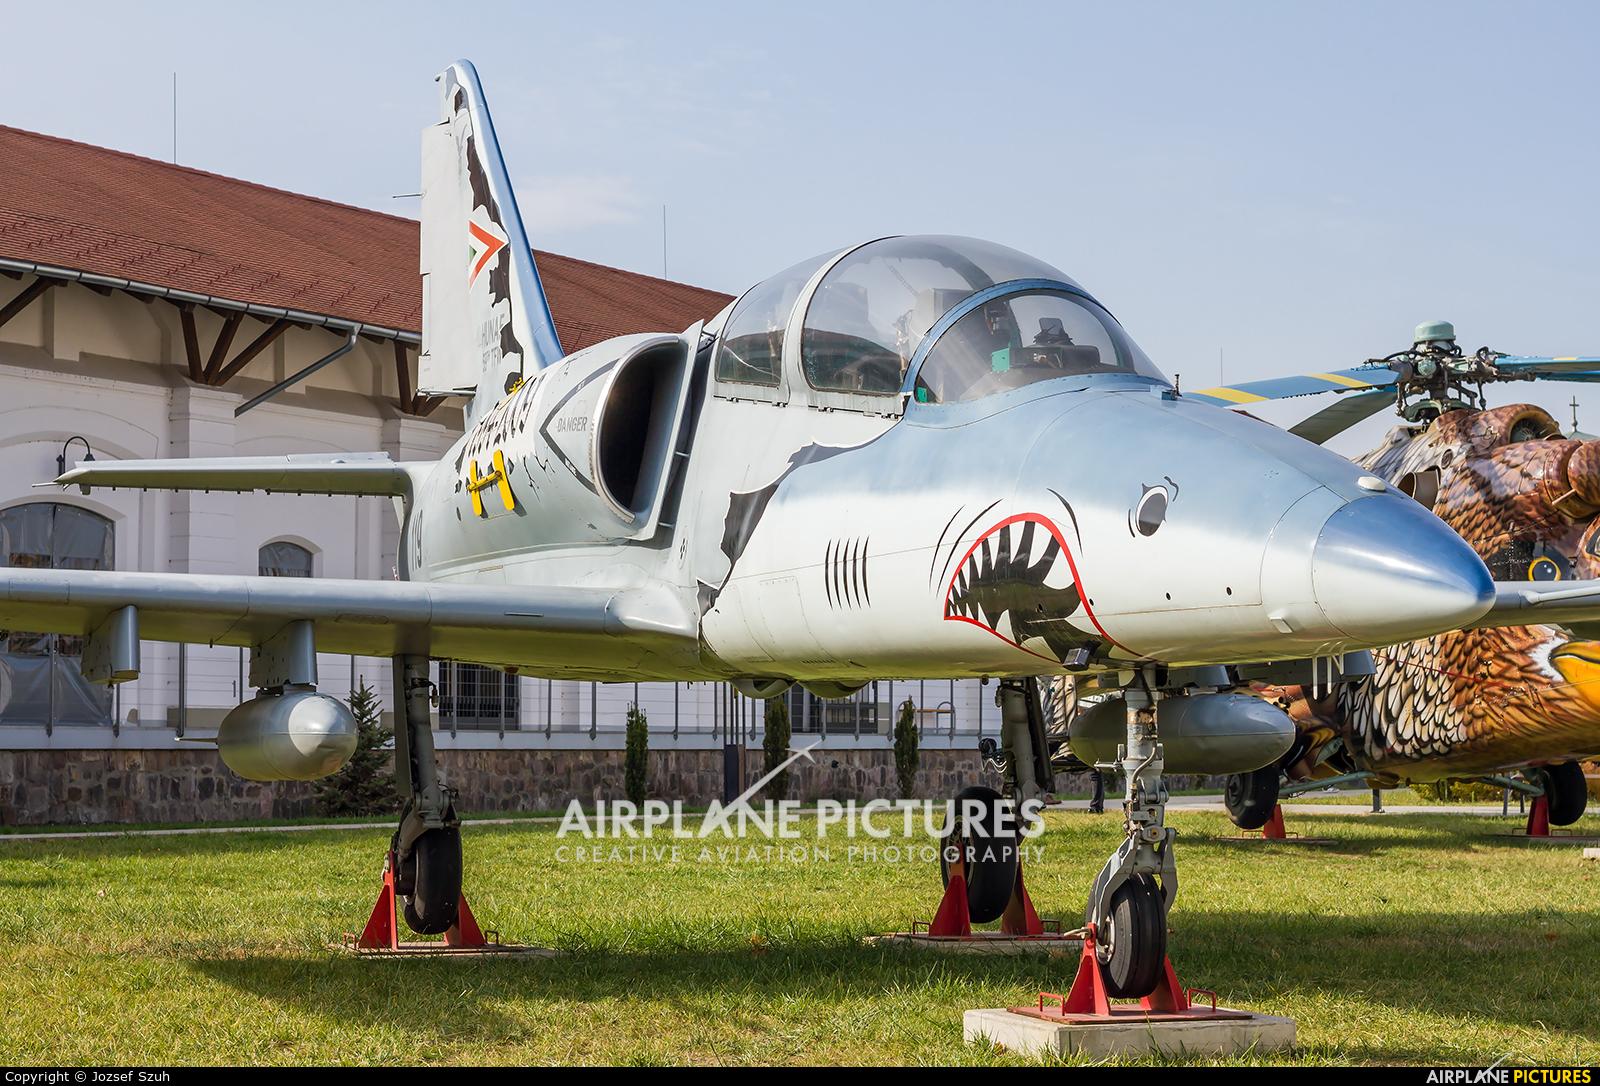 Hungary - Air Force 119 aircraft at Off Airport - Hungary